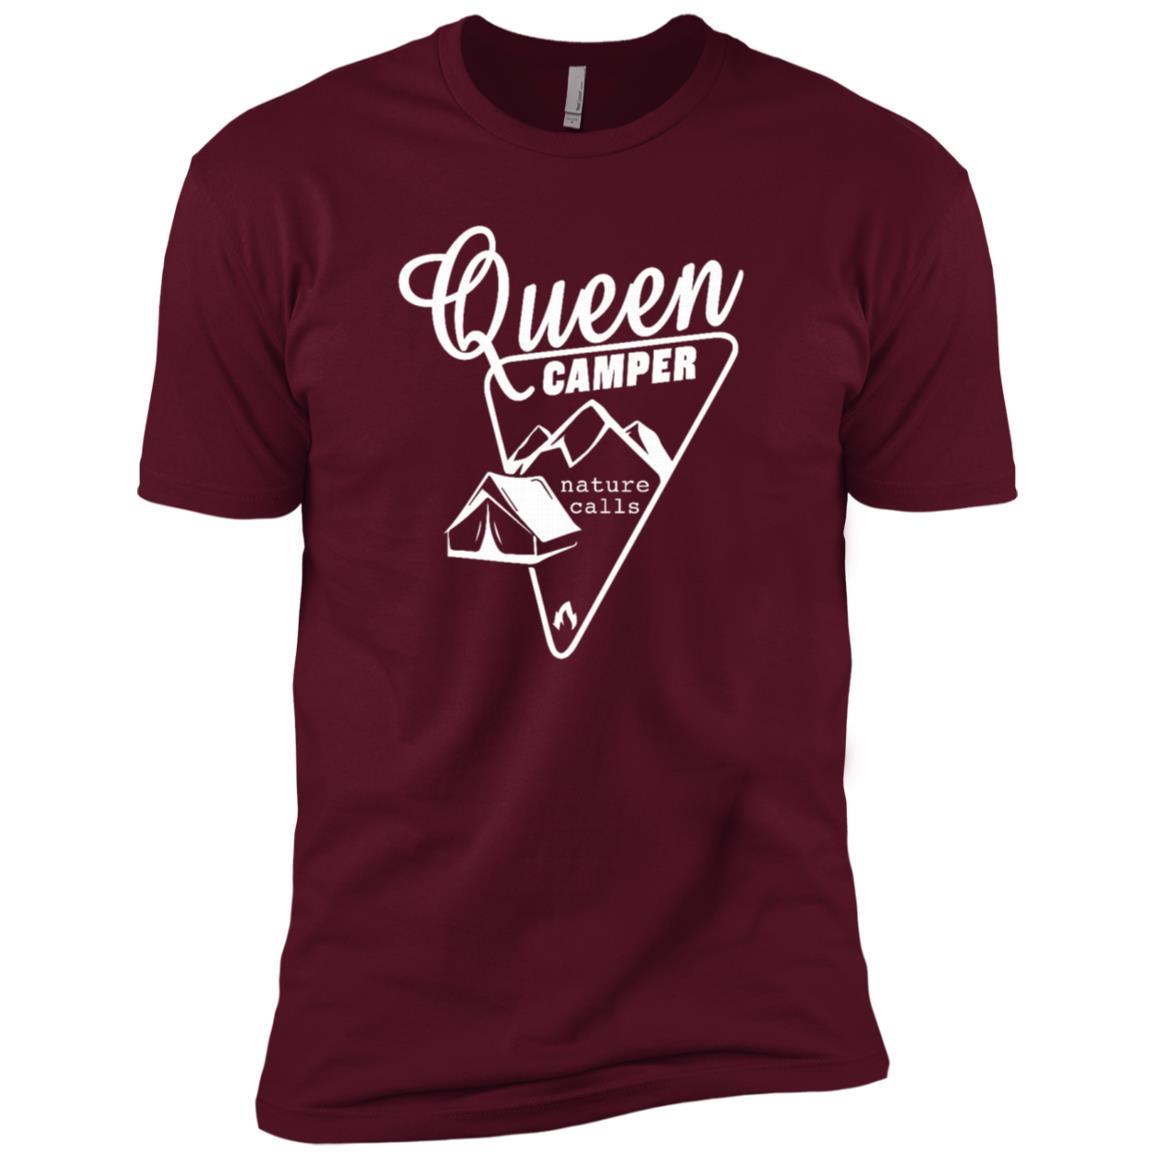 Queen Camper – Hunting Outdoor Men Short Sleeve T-Shirt